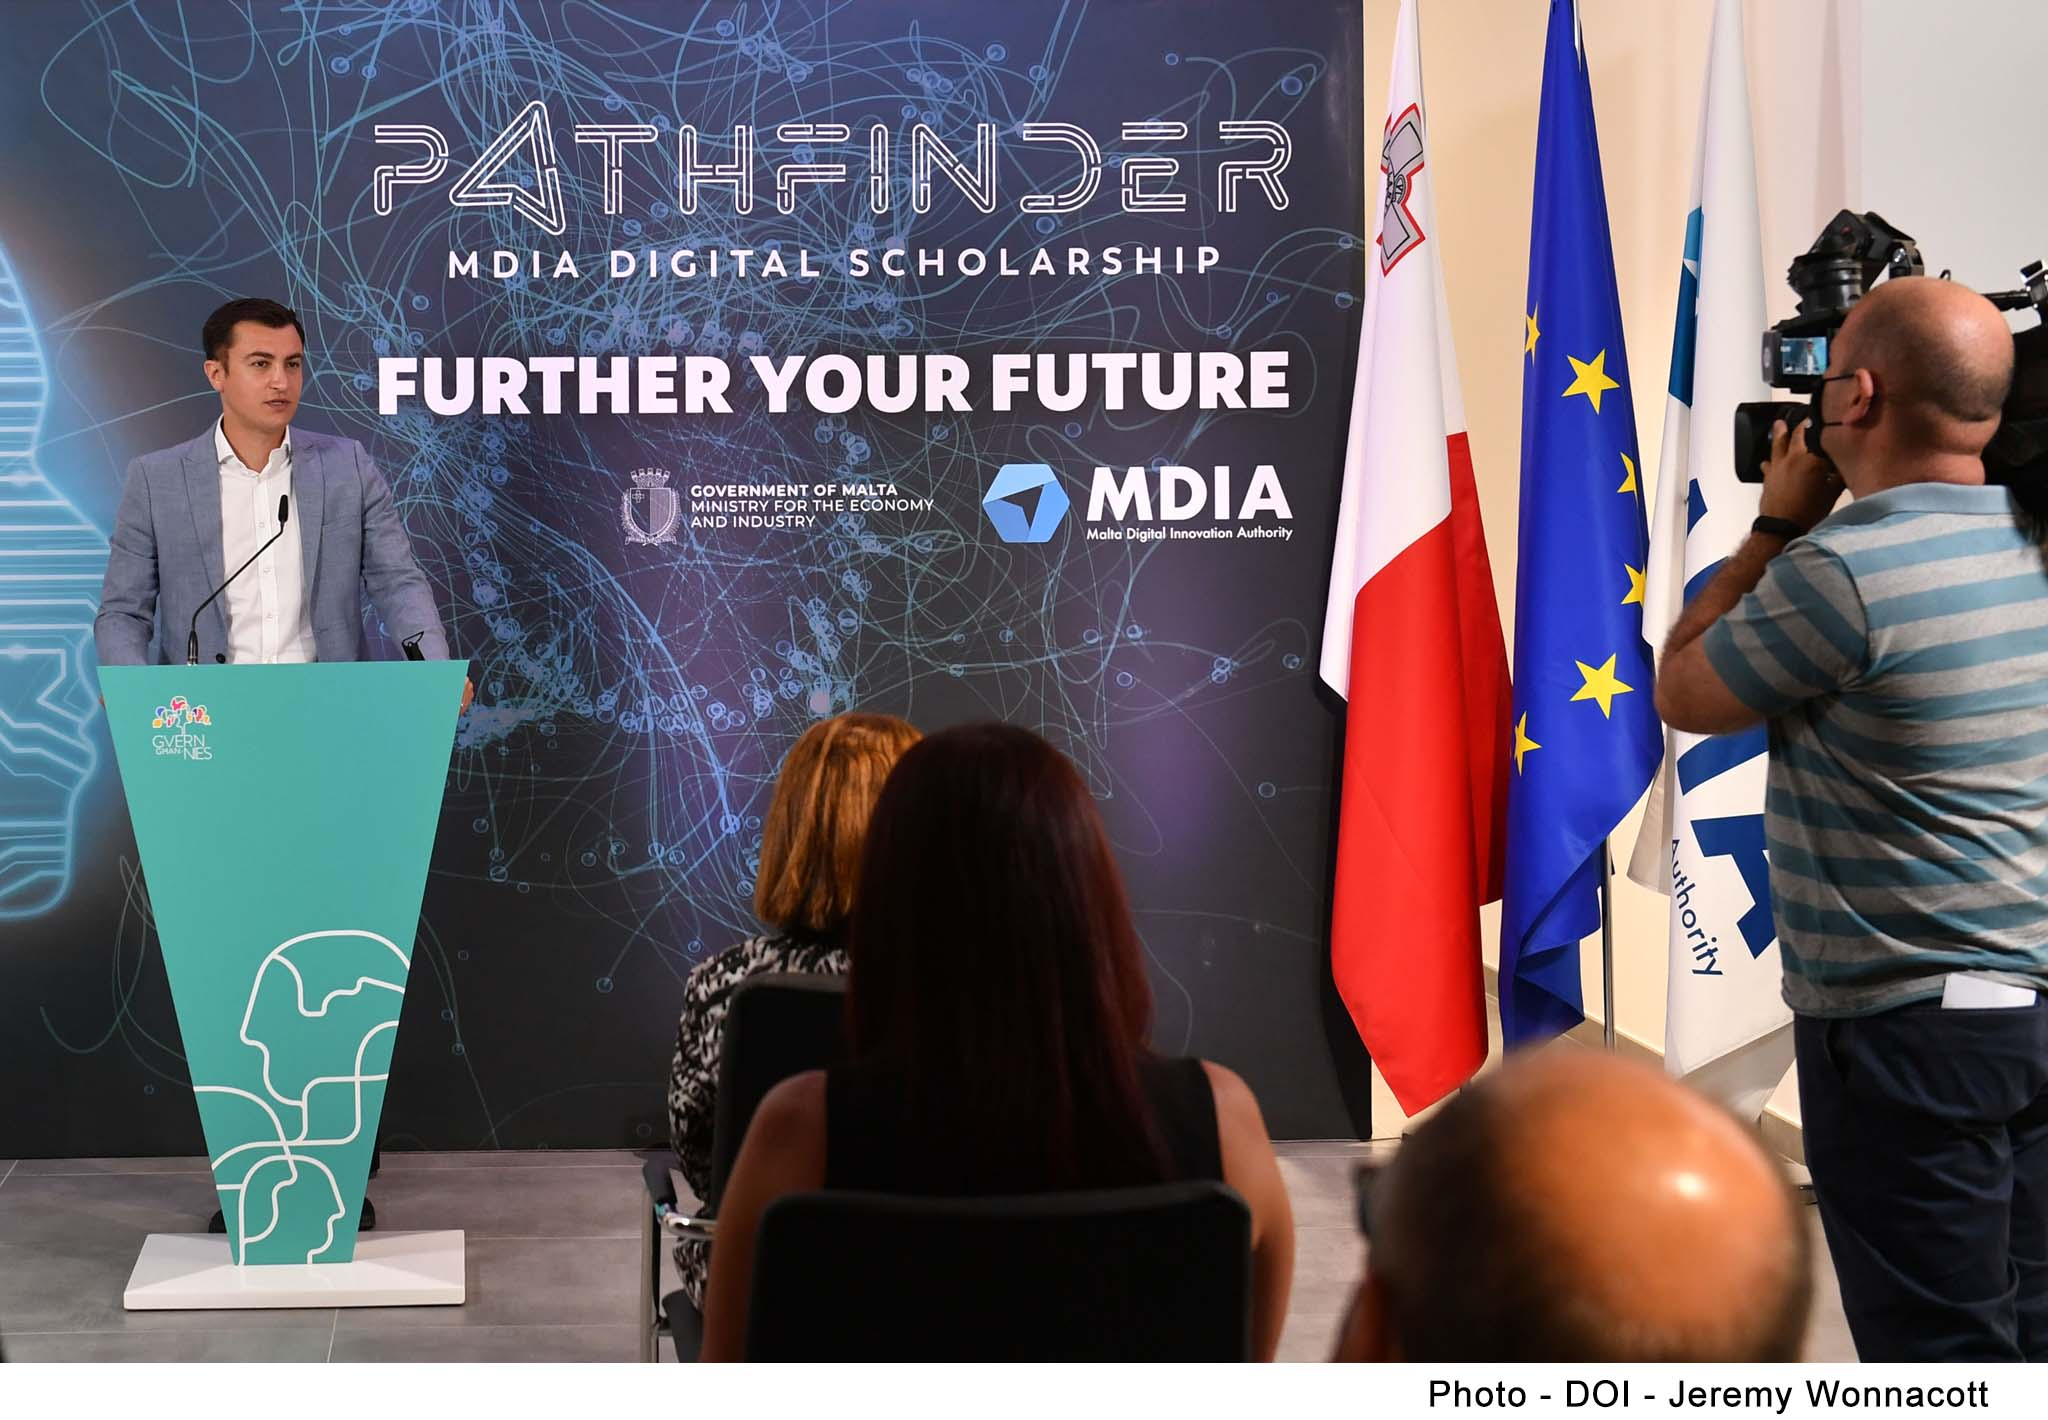 STQARRIJA MILLL-MINISTERU GĦALL-EKONOMIJA U L-INDUSTRIJA   €100,000 fi scholarships għal studji fl-Intelliġenza Artifiċjali f'livell ta' Masters jew ta' Dottorat